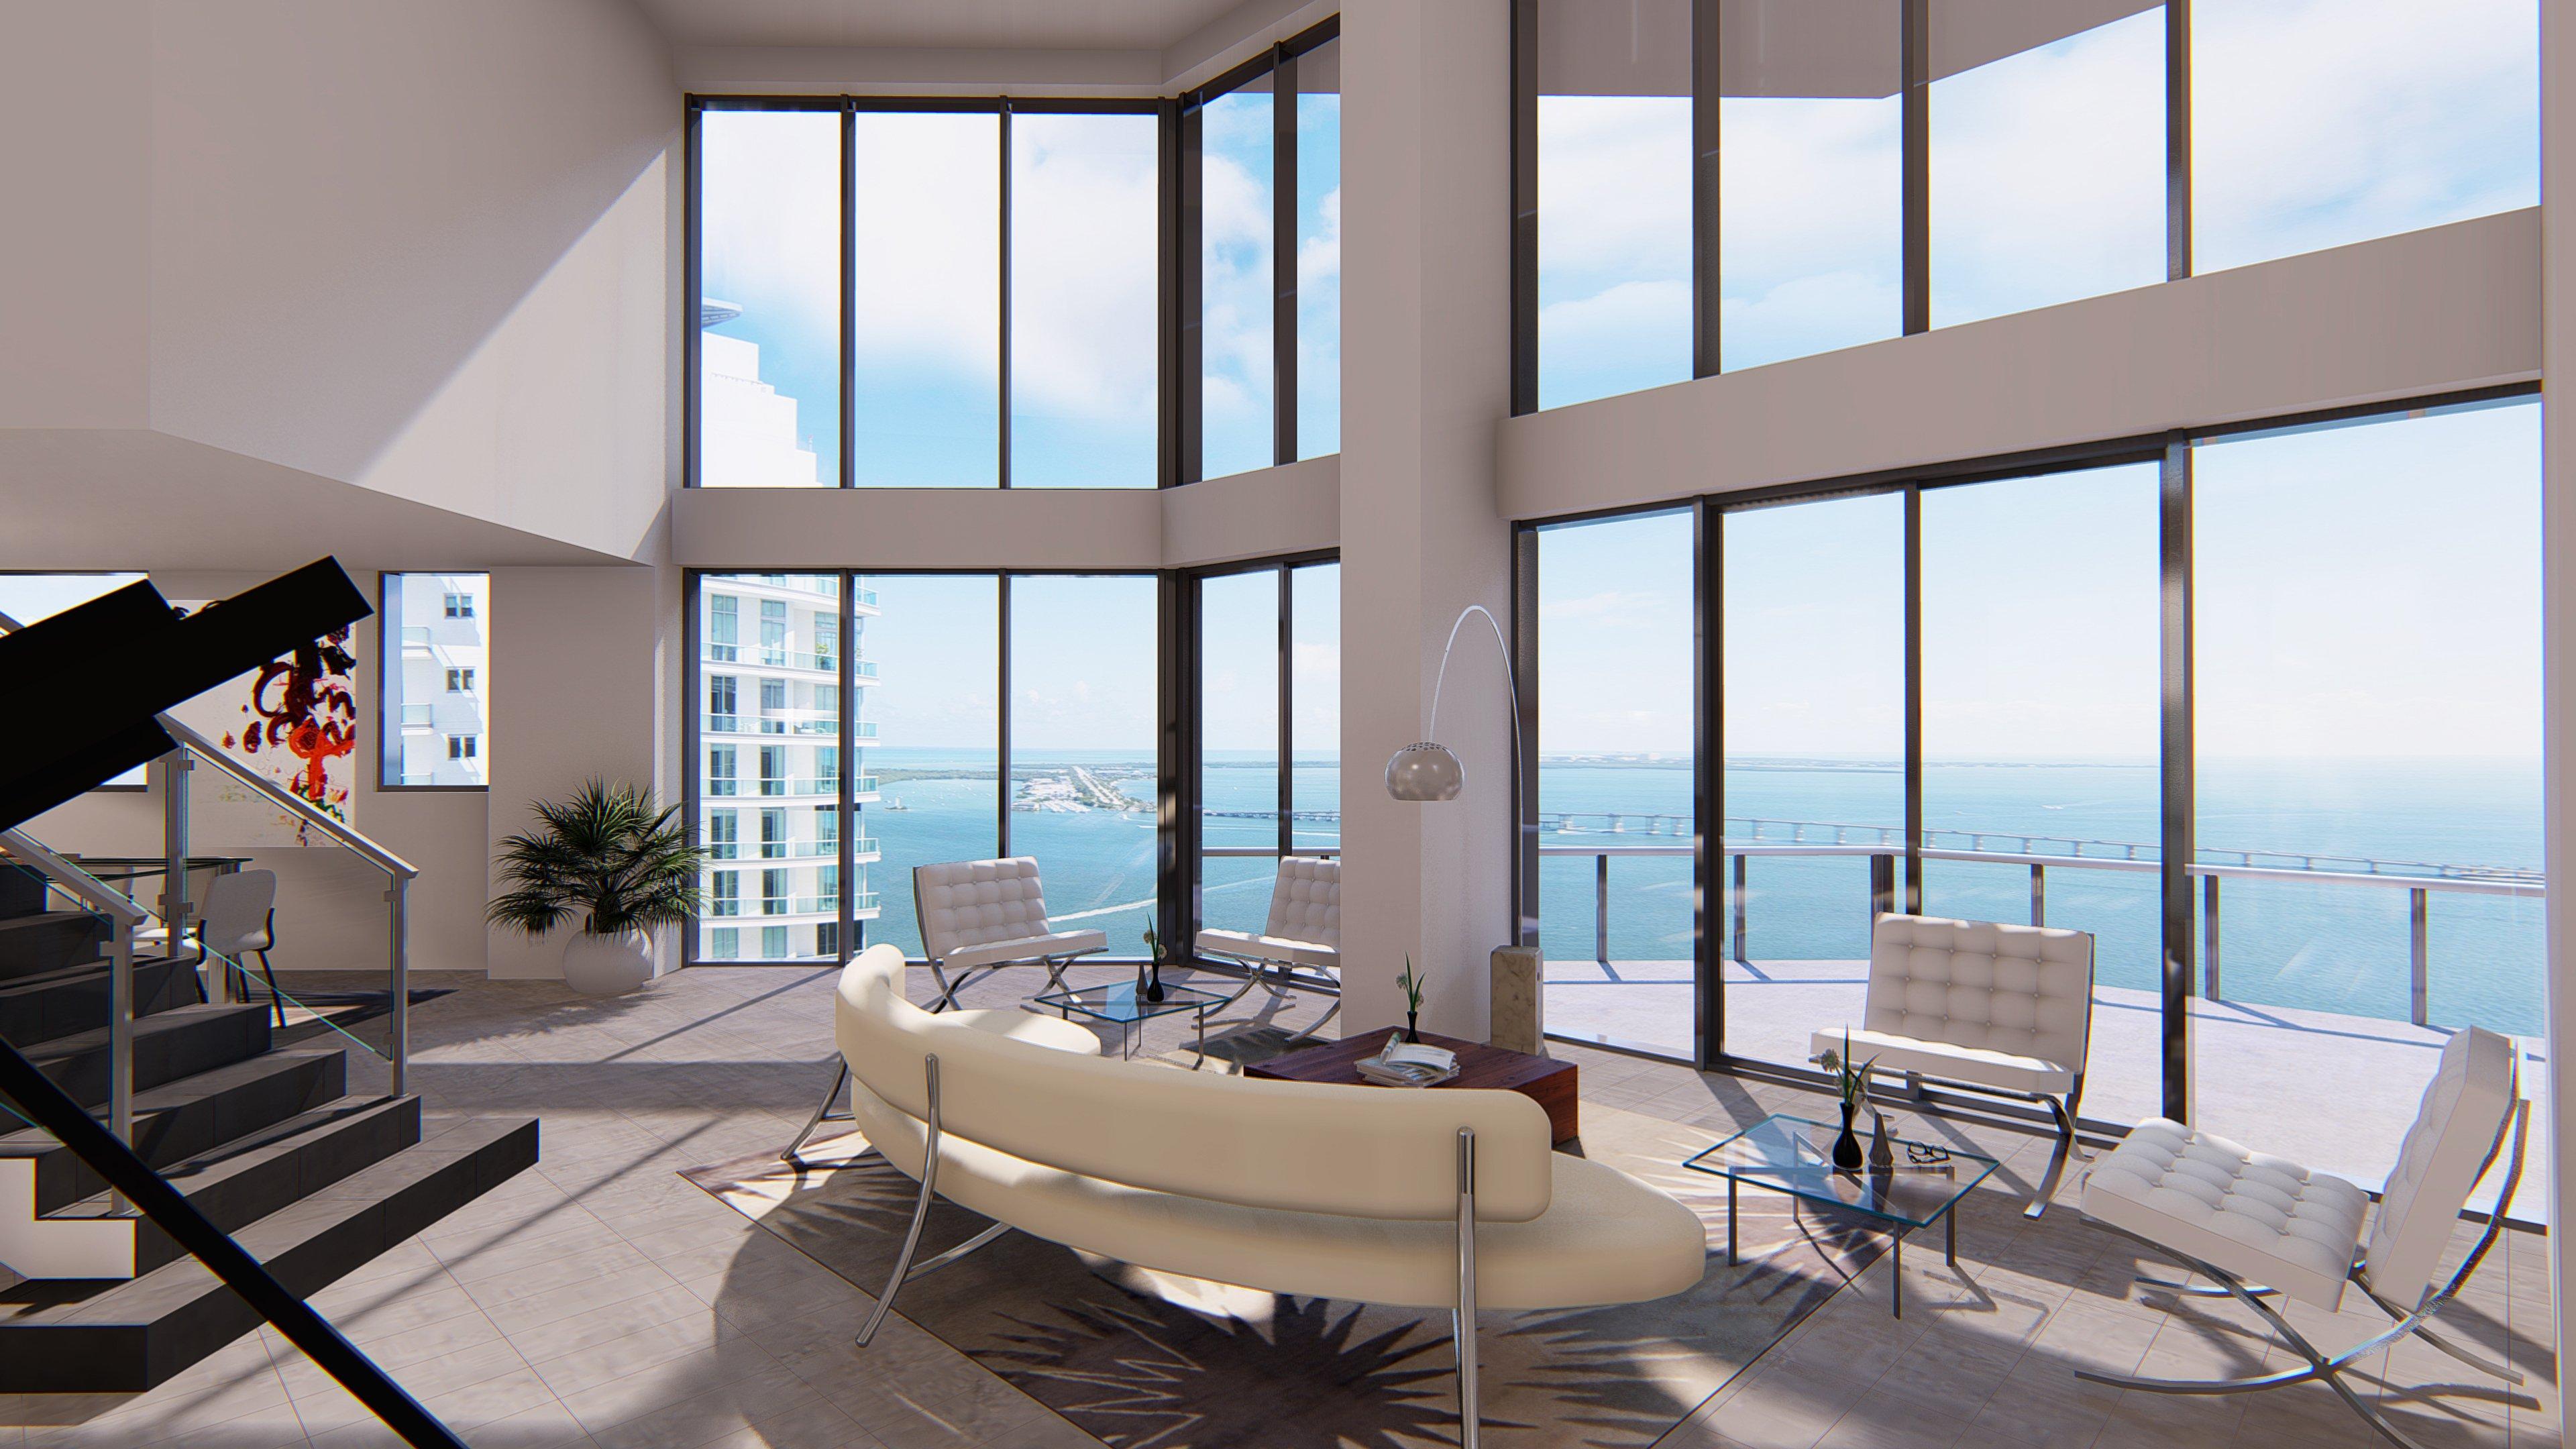 Brickell House Ph 4401. Miami